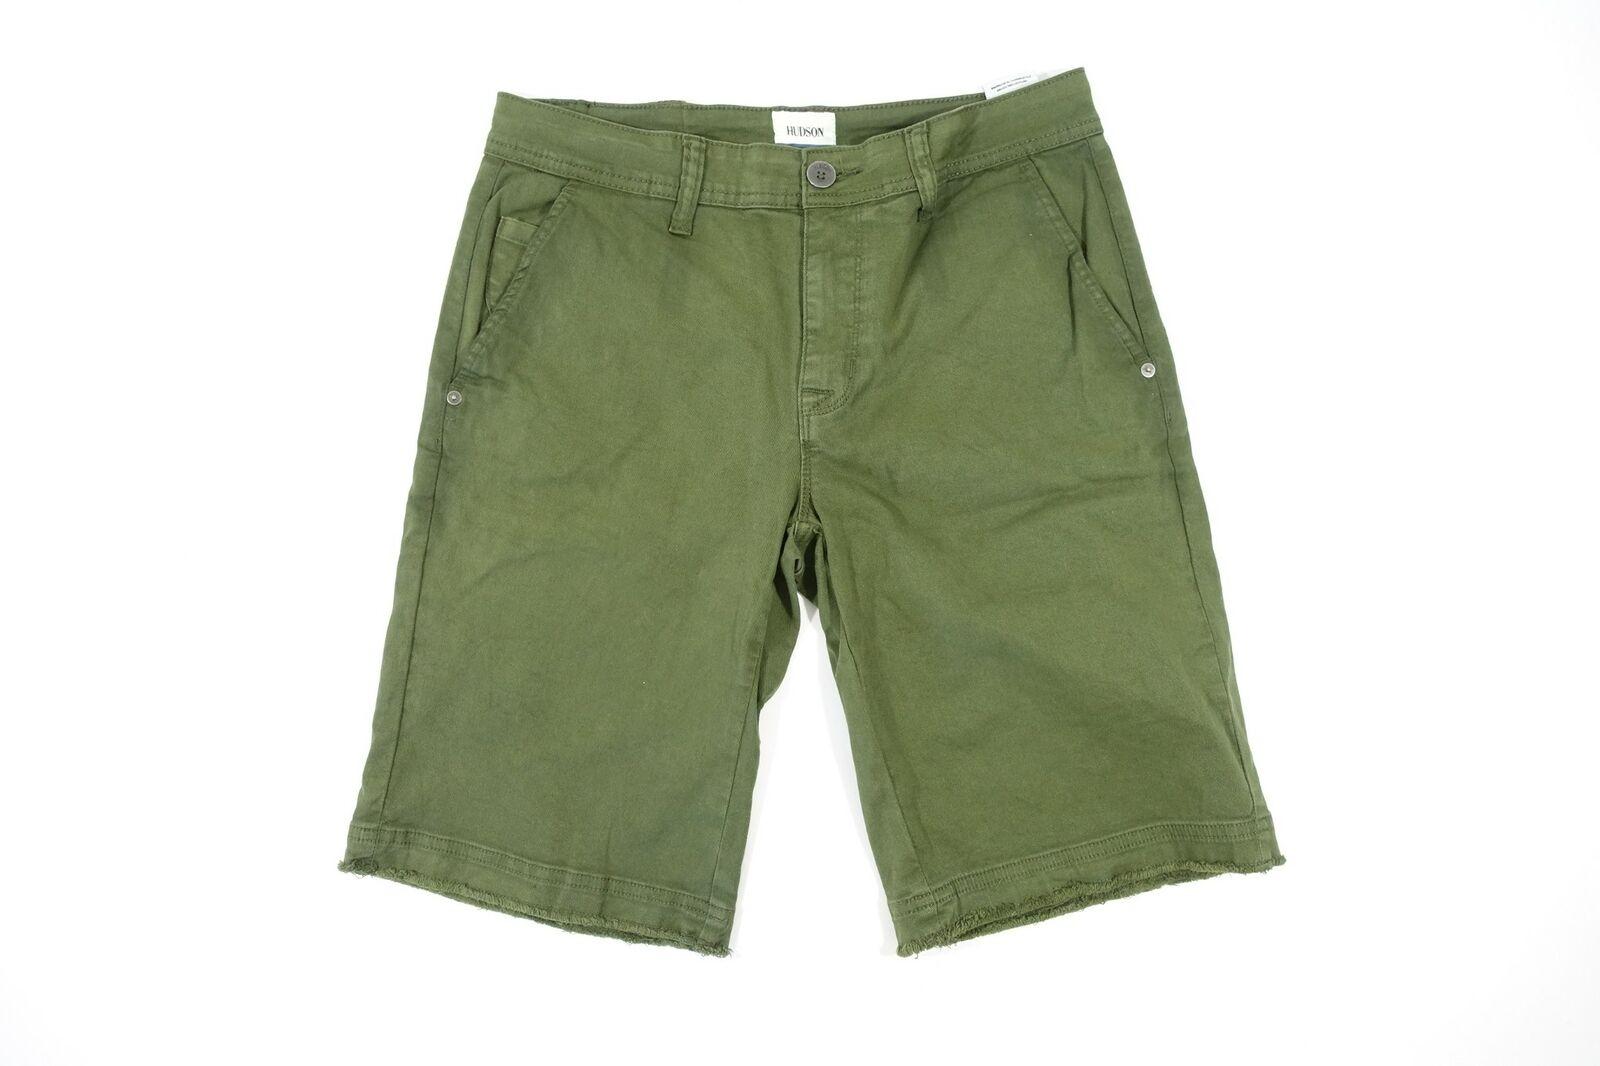 Hudson Grün 18 Abgeschnitten Unten Twill Chino Stil Shorts Damen Neu